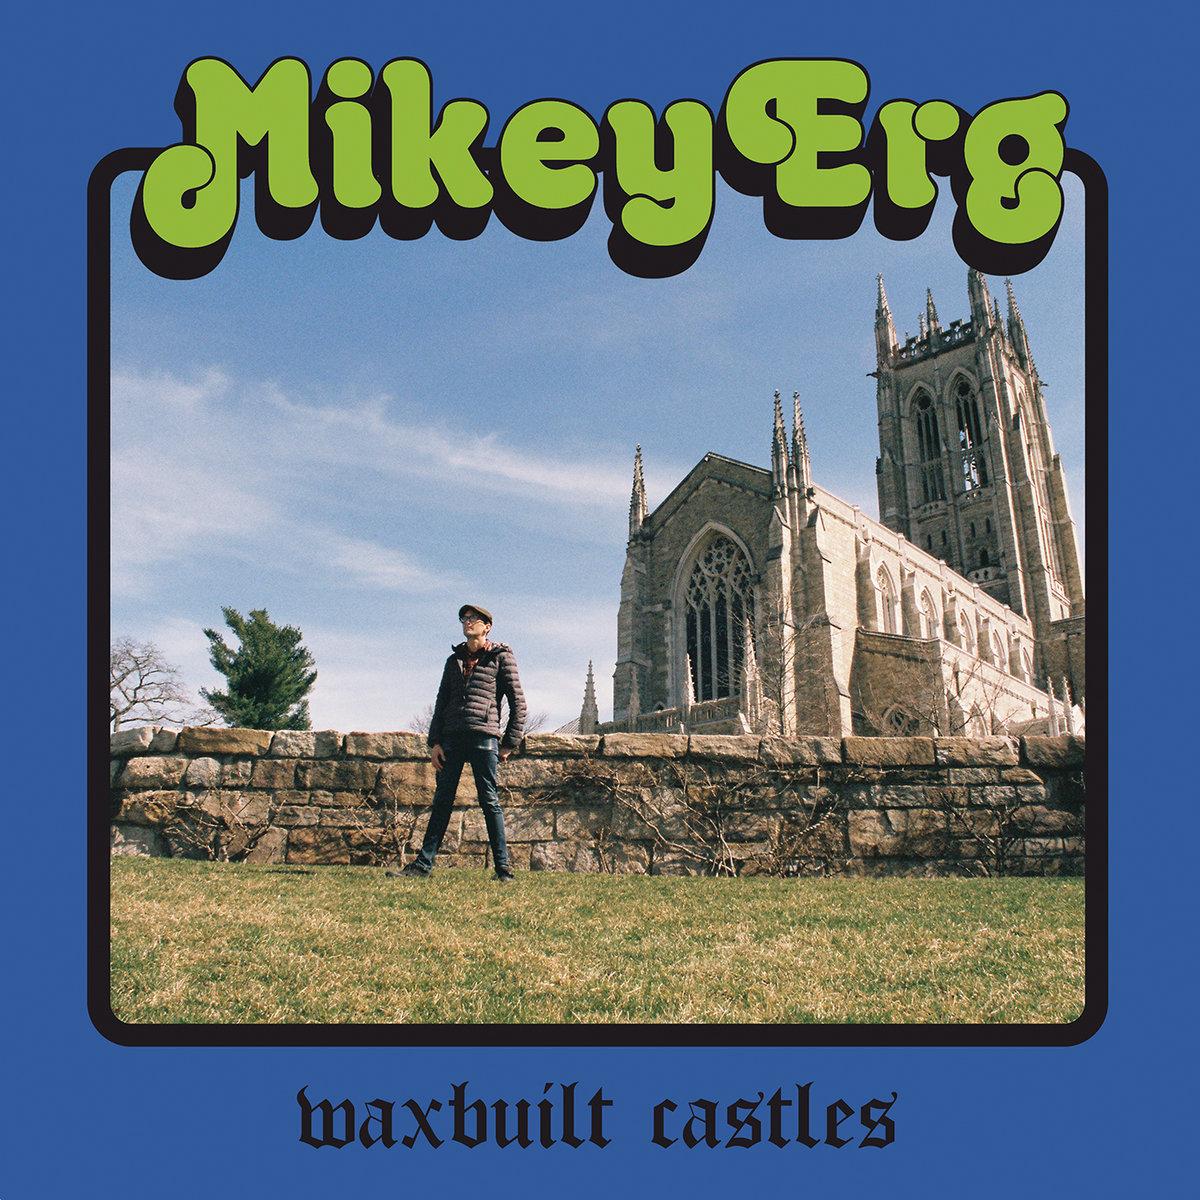 Mikey Erg - Waxbuilt Castles LP